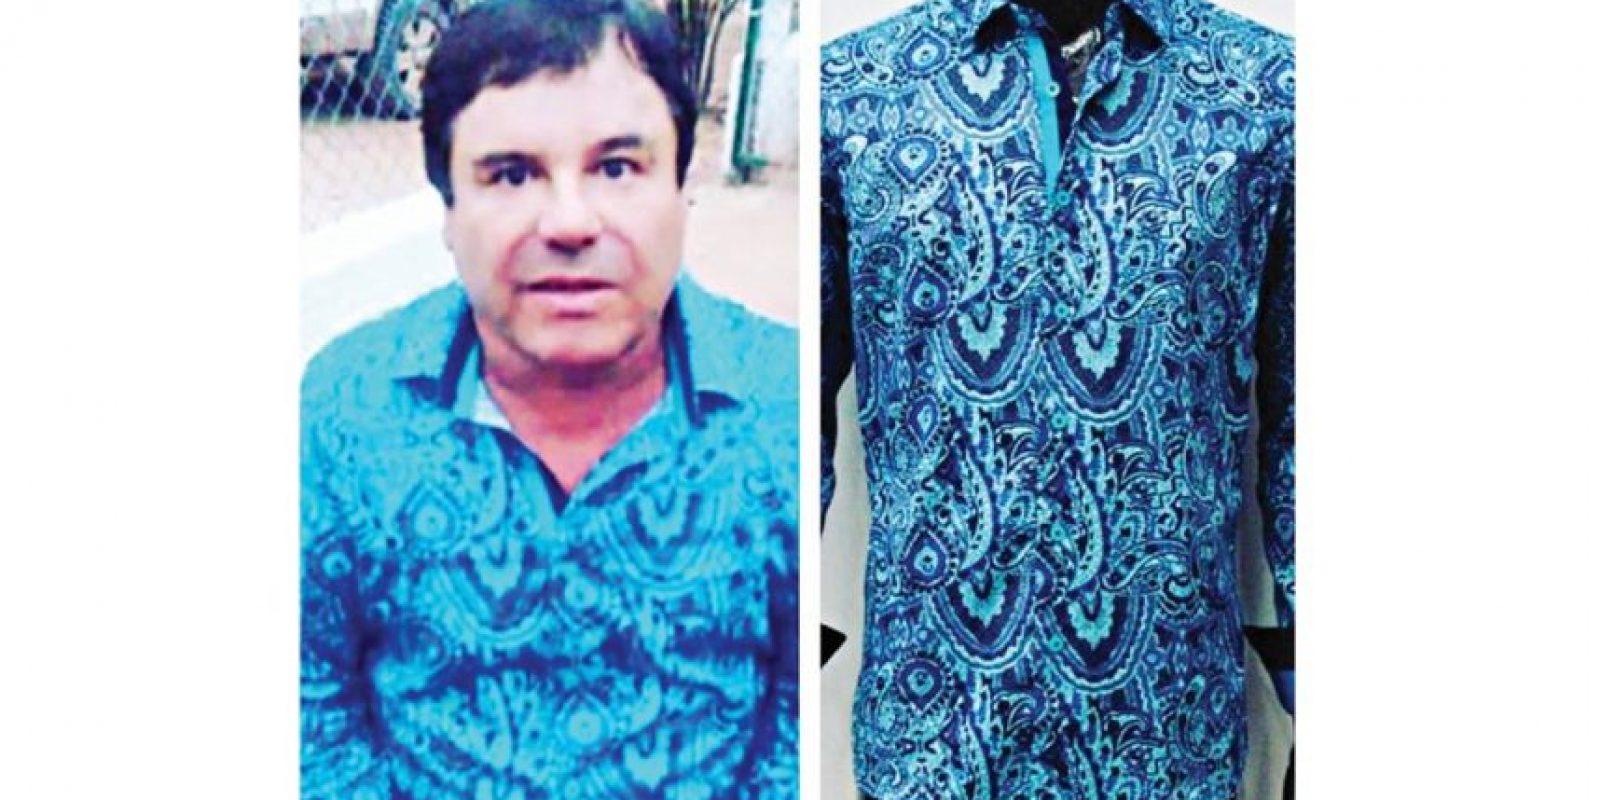 """La marca de las camisas con las que se mostró """"El Chapo"""" Guzmán tiene su momento de éxito, gracias a las fotos del narco. / INSTAGRAM / Barabas"""